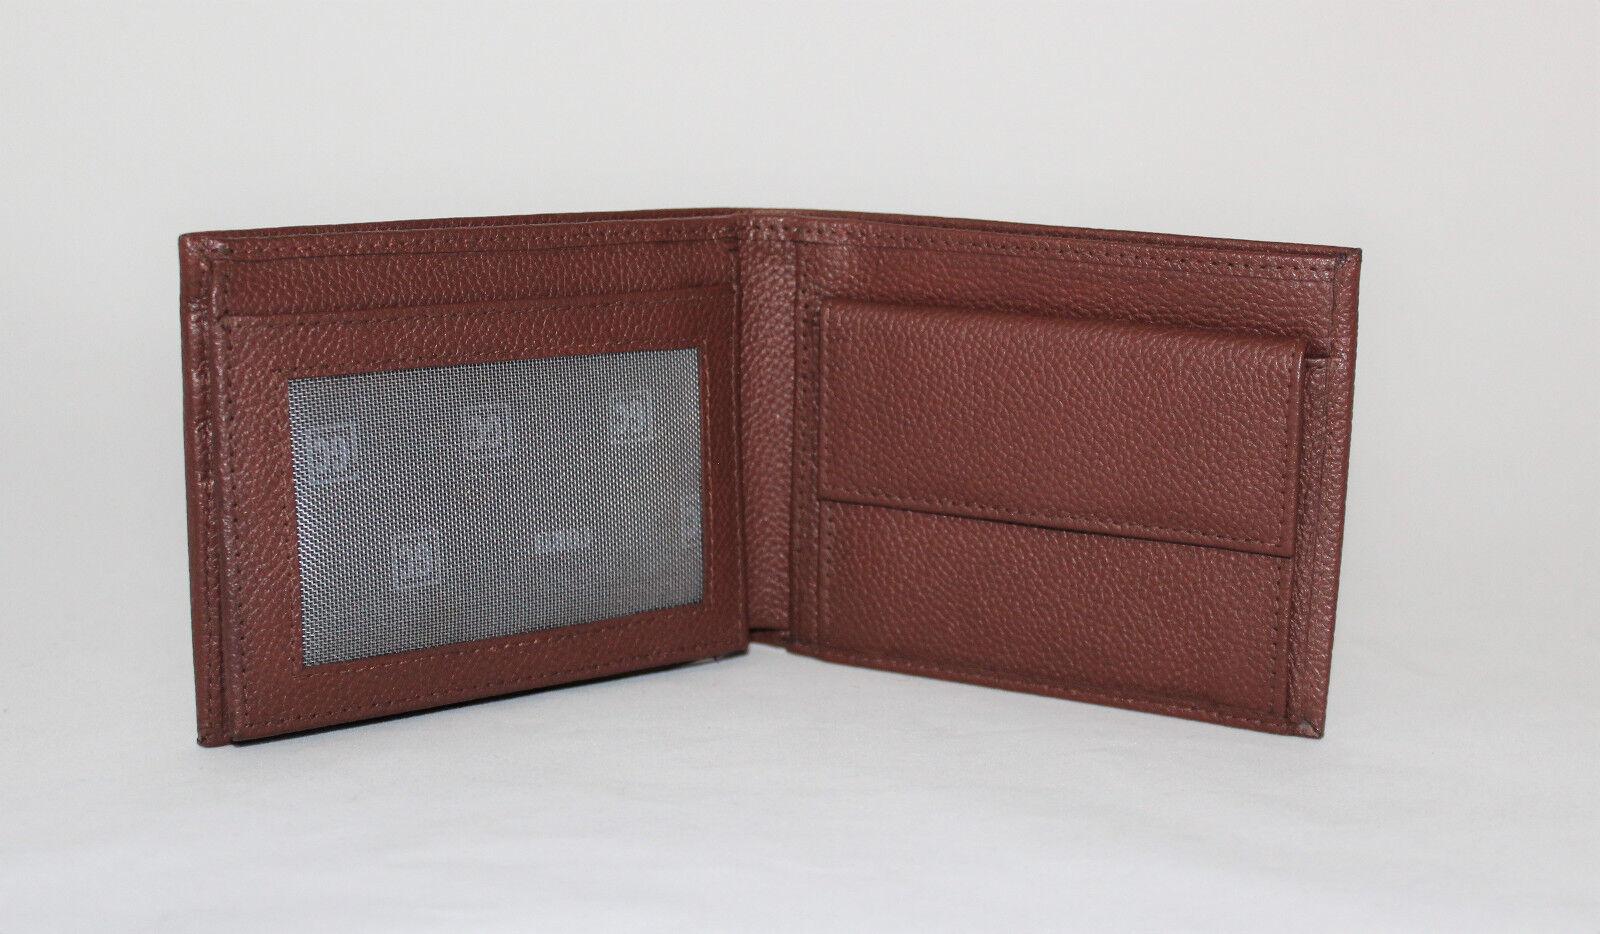 Lederne Mappen Herren,Krotitkartenhalter und Dokumente Münzen Leather Geldbeutel Geldbeutel Geldbeutel    Authentische Garantie  8d8bb3